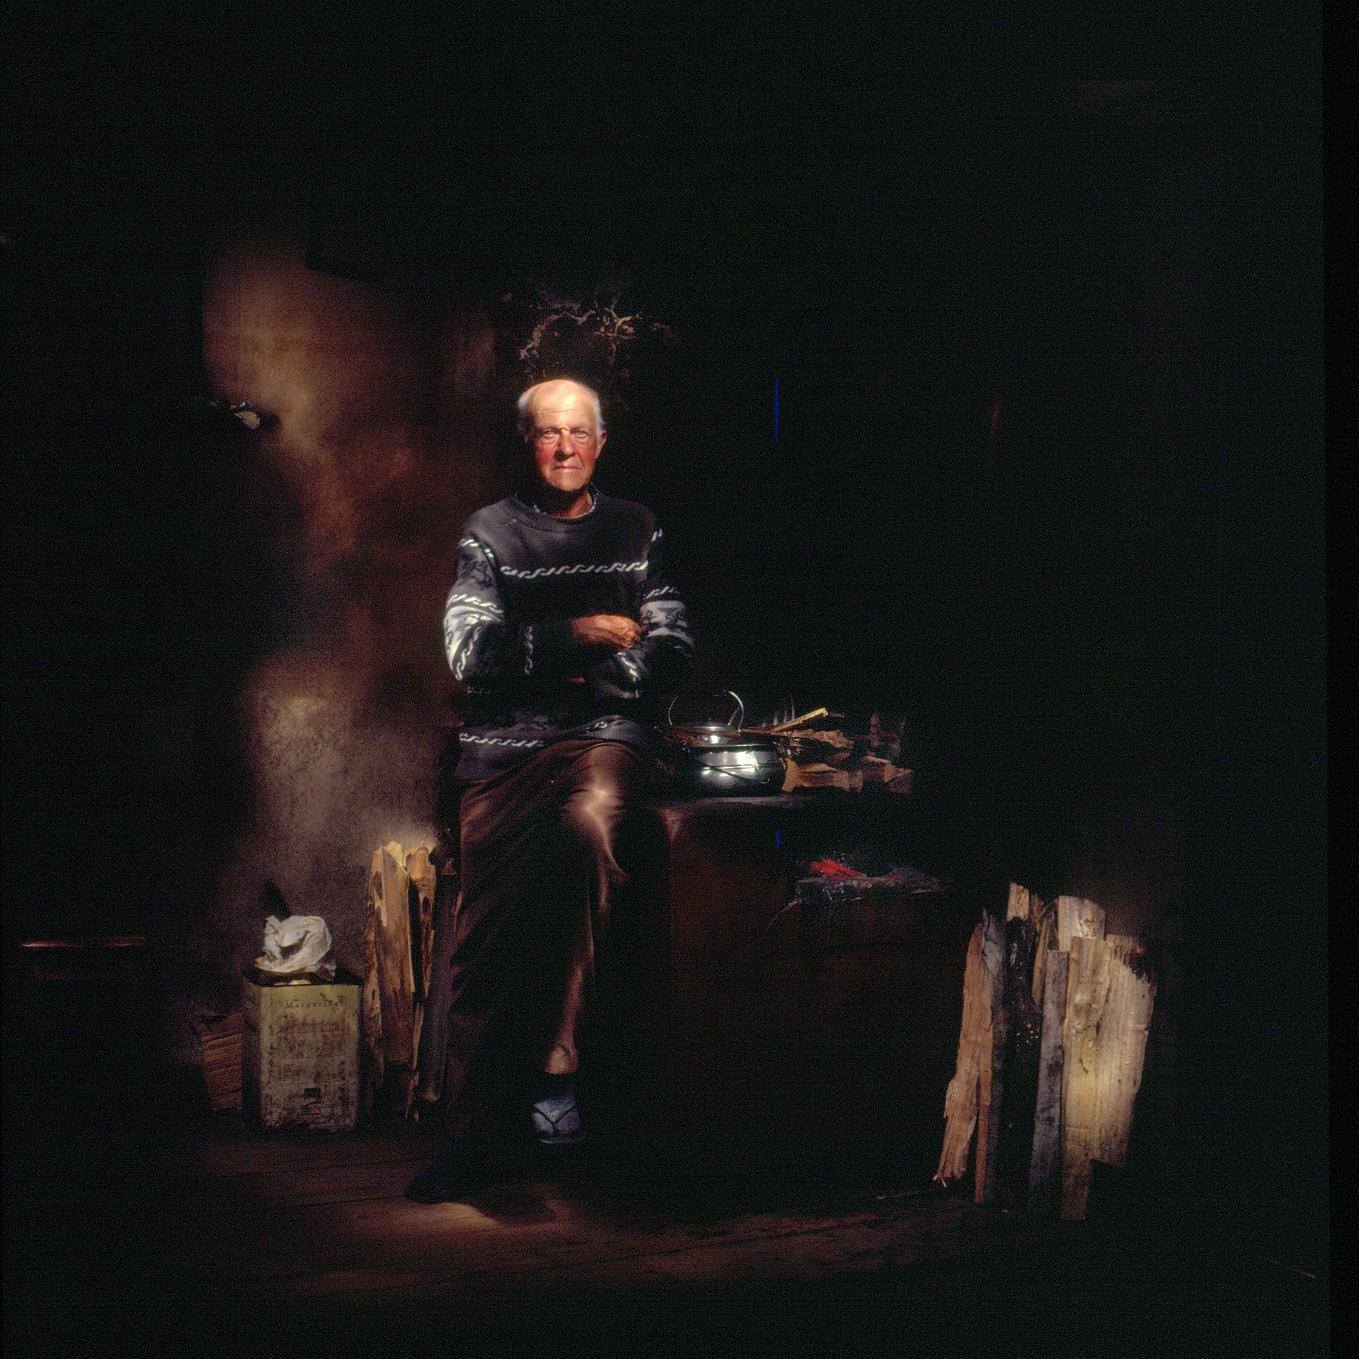 Renan Cepeda, Sem Título - Série Novo Normal, Velho Essencial, Fotografia, 110 x 110 cm, 2020, Tiragem 1 de 5